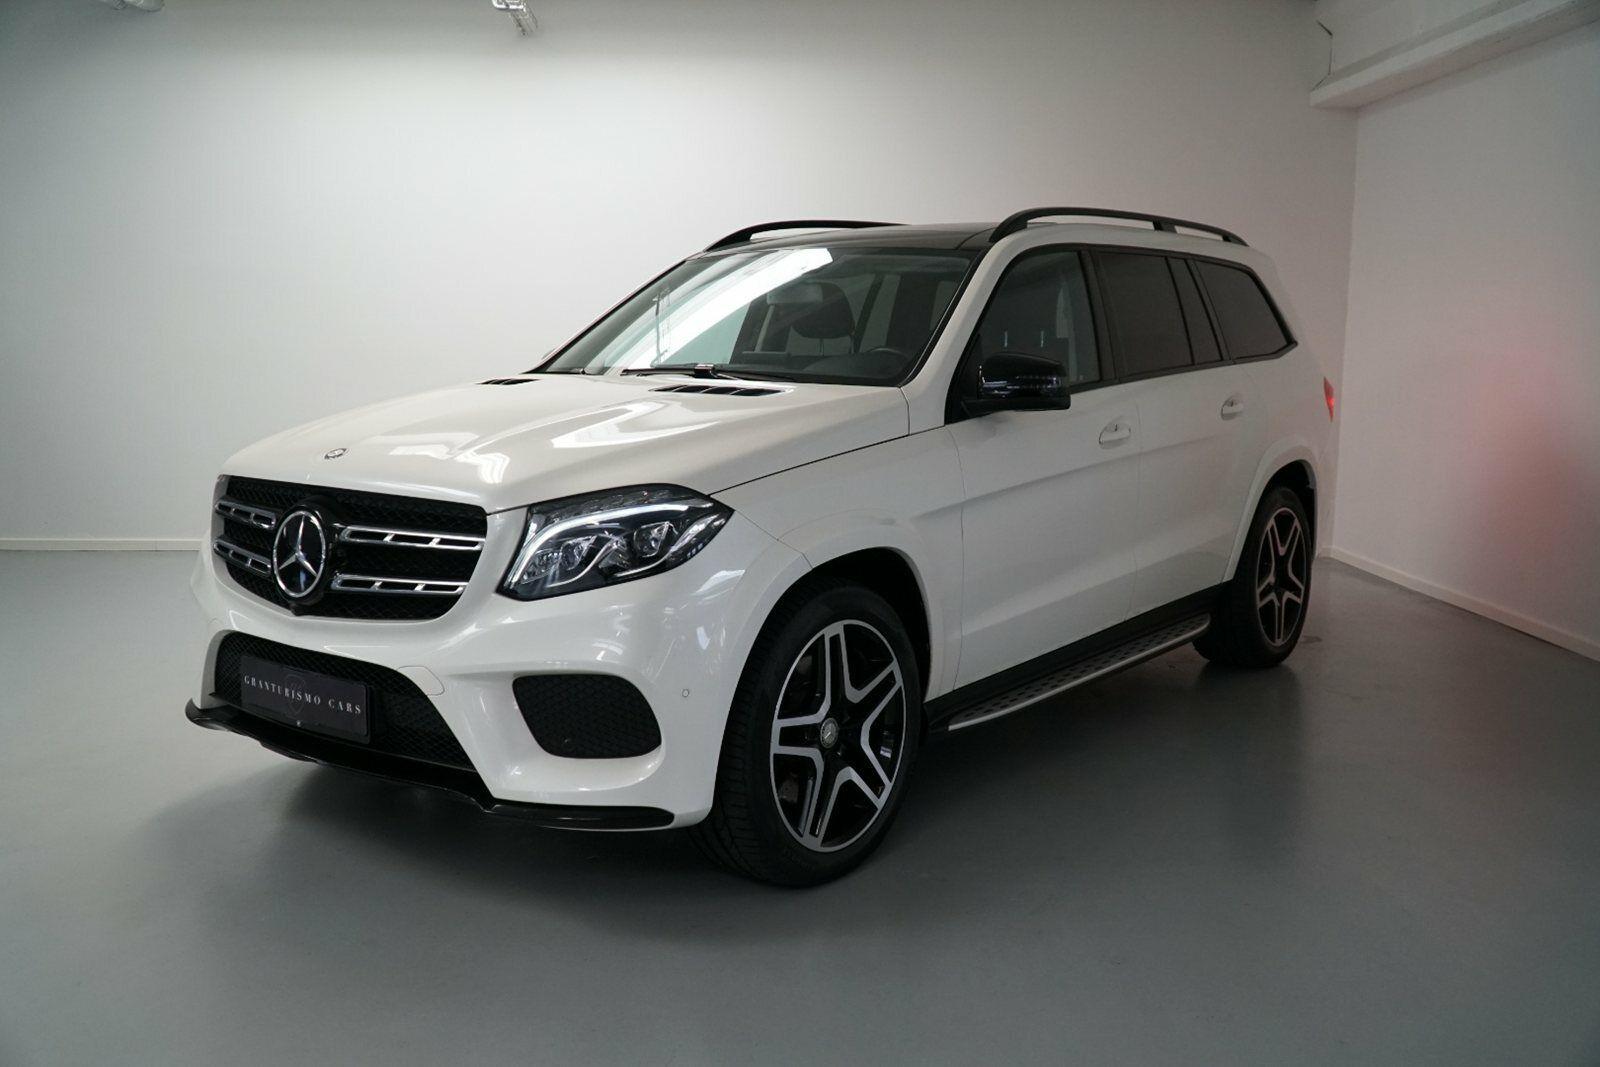 Mercedes GLS400 3,0 aut. 4-M 5d - 6.255 kr.